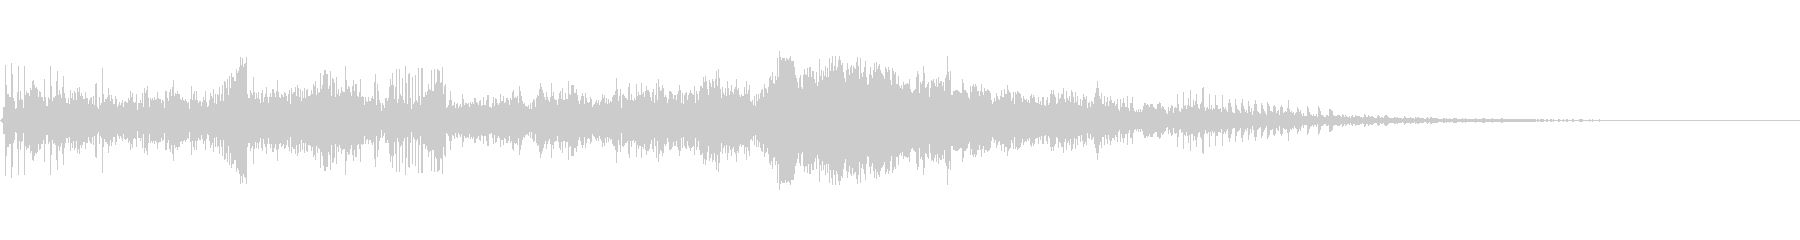 バックワードリバースノイズパルスの未再生の波形